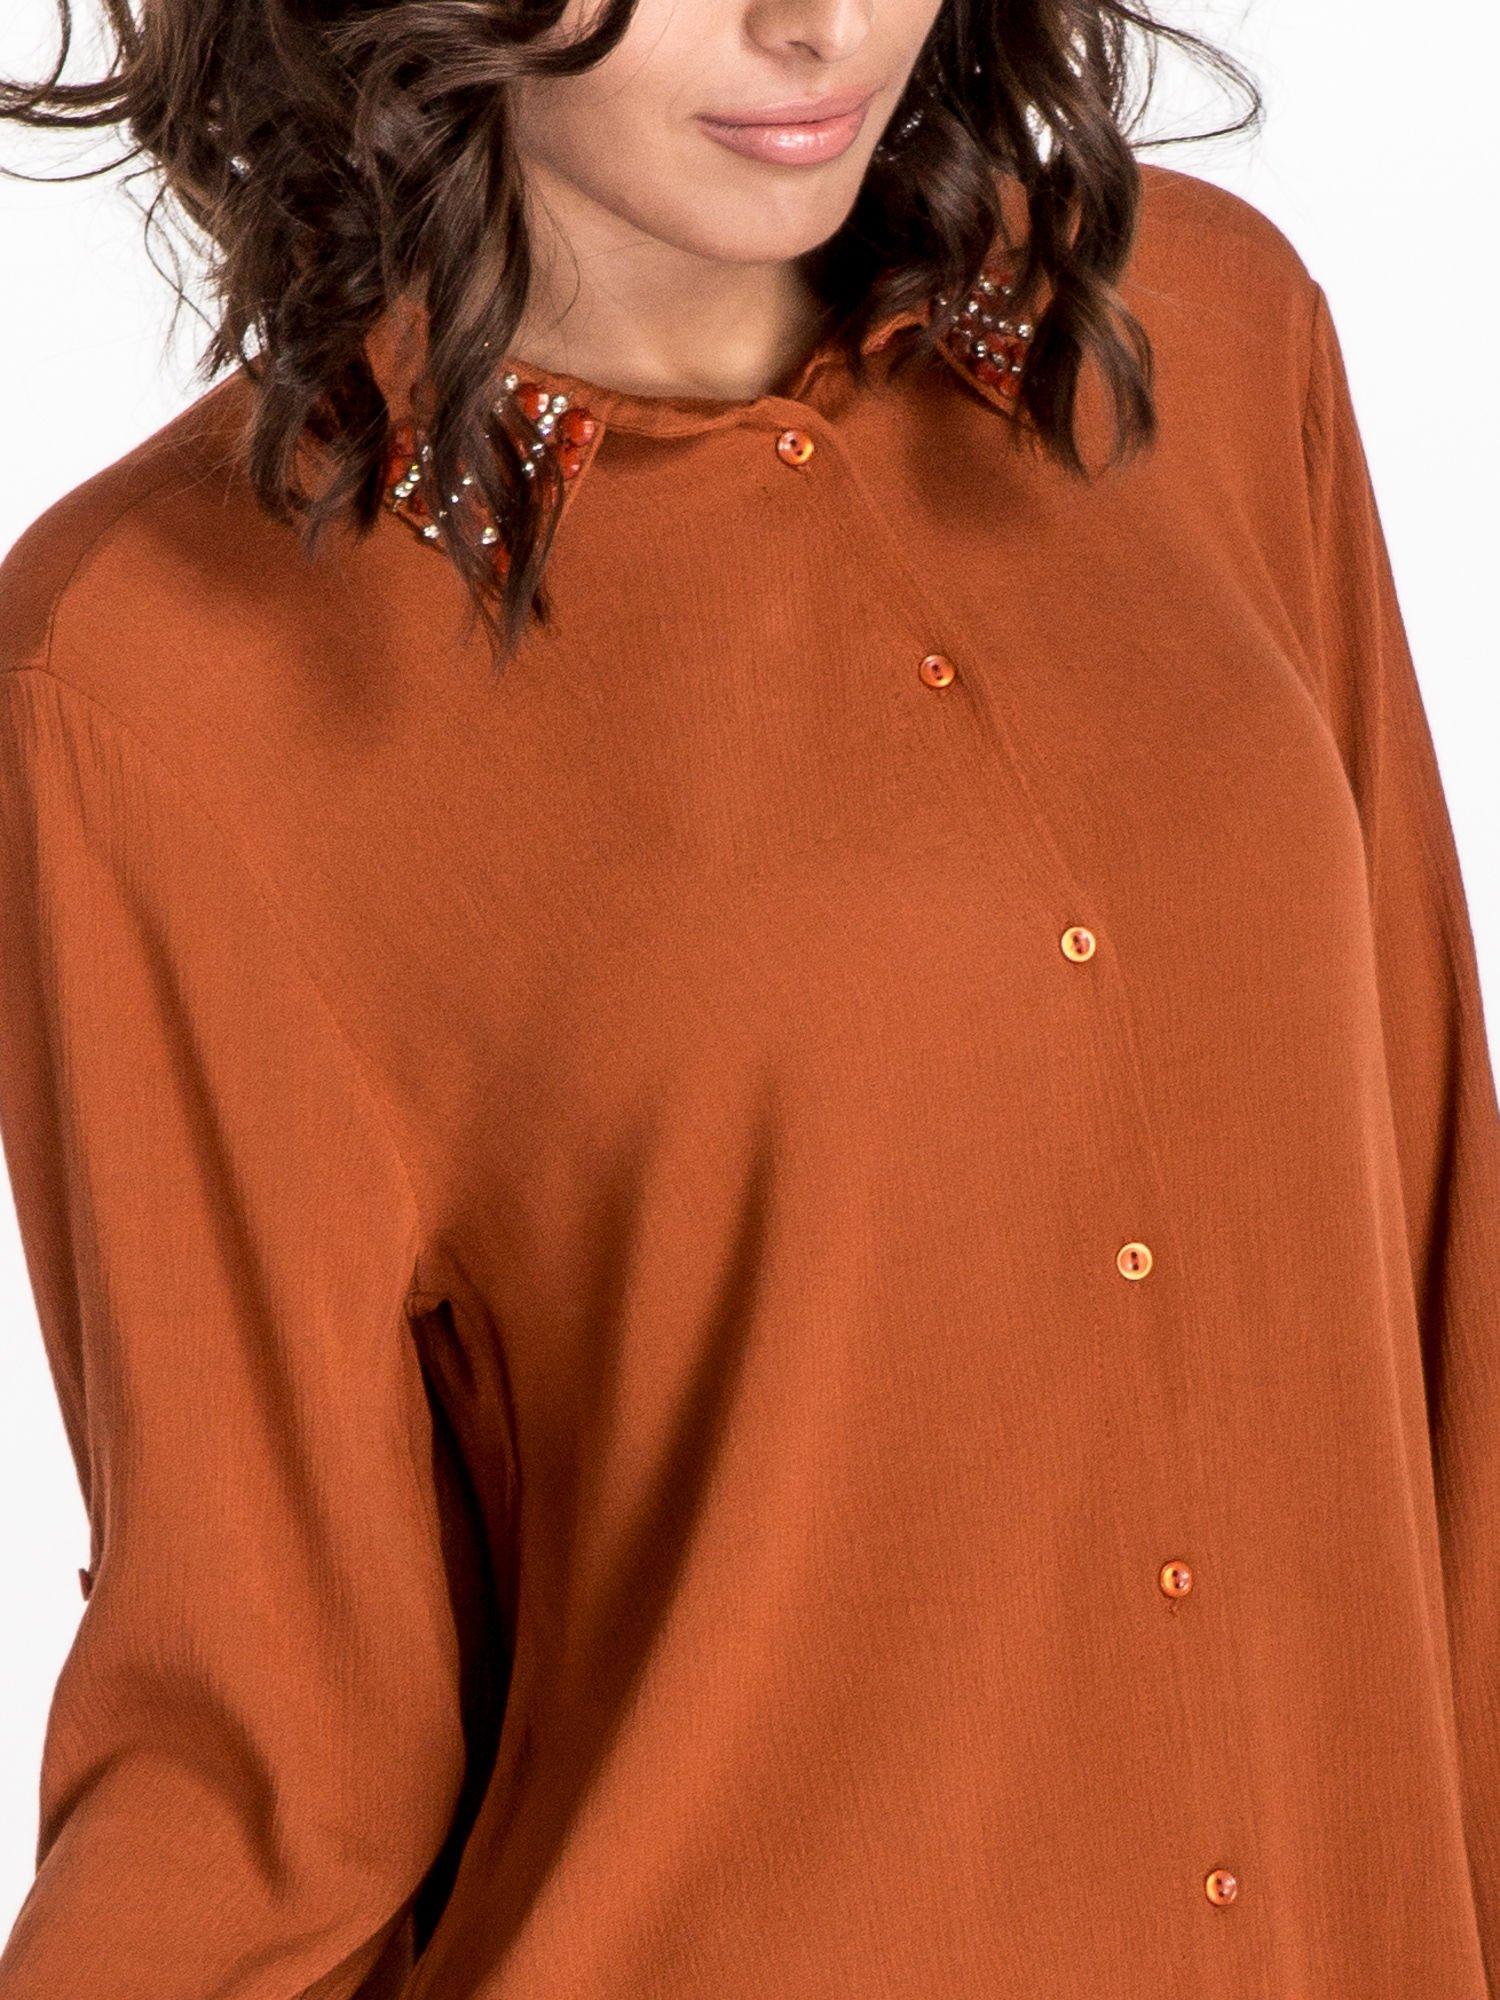 Pomarańczowa koszula z kołnierzykiem zdobionym kamieniami                                  zdj.                                  4